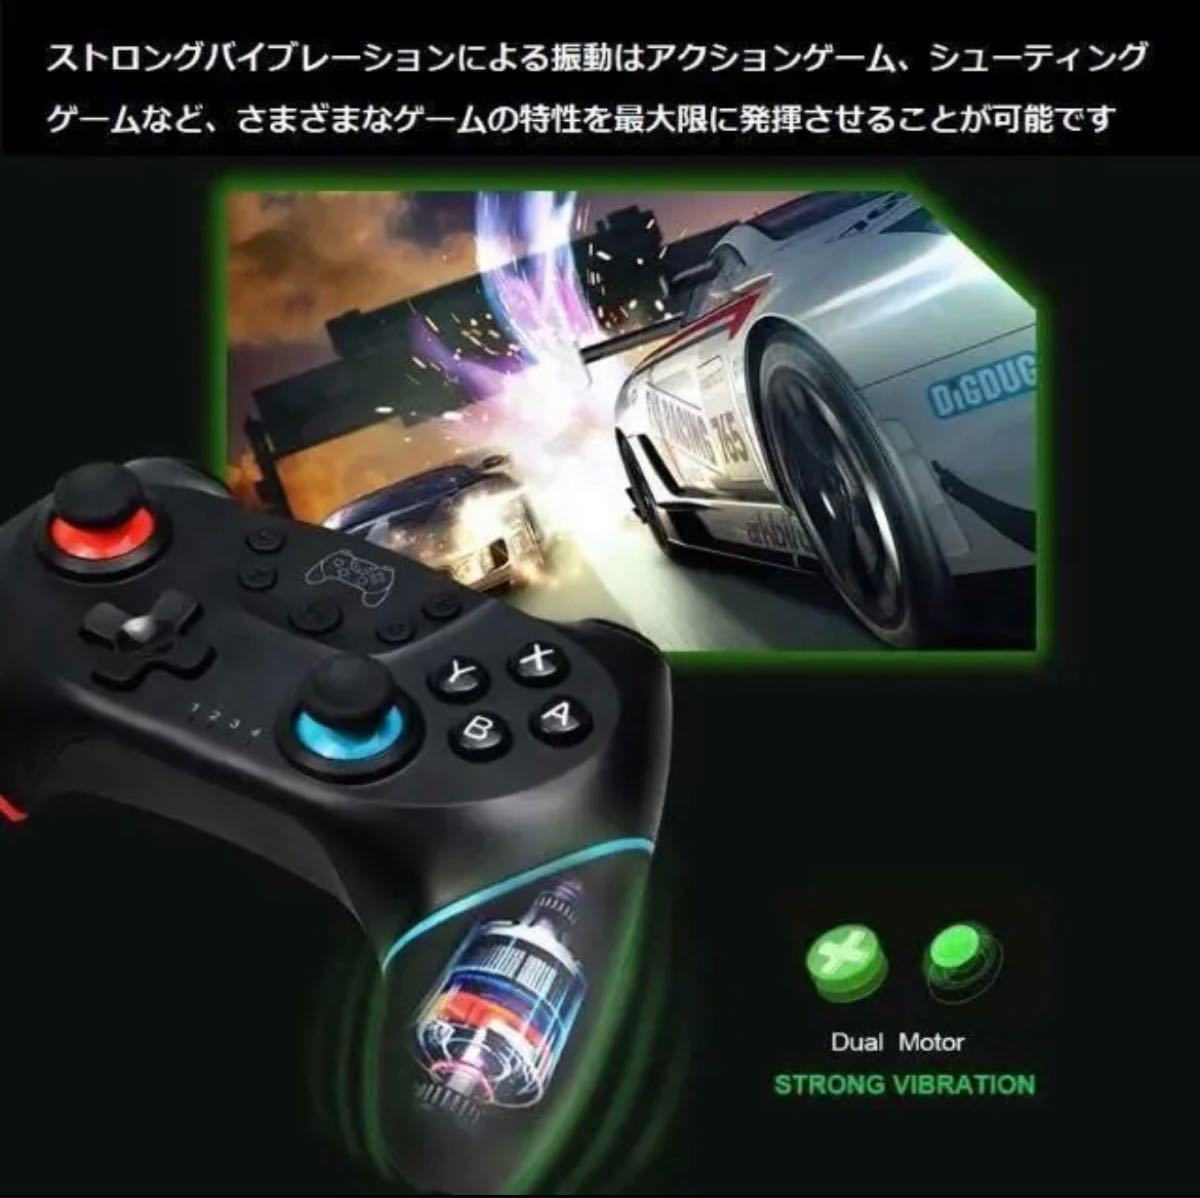 Switchコントローラー Nintendo Switch 任天堂Switch ワイヤレスコントローラー Bluetooth 無線